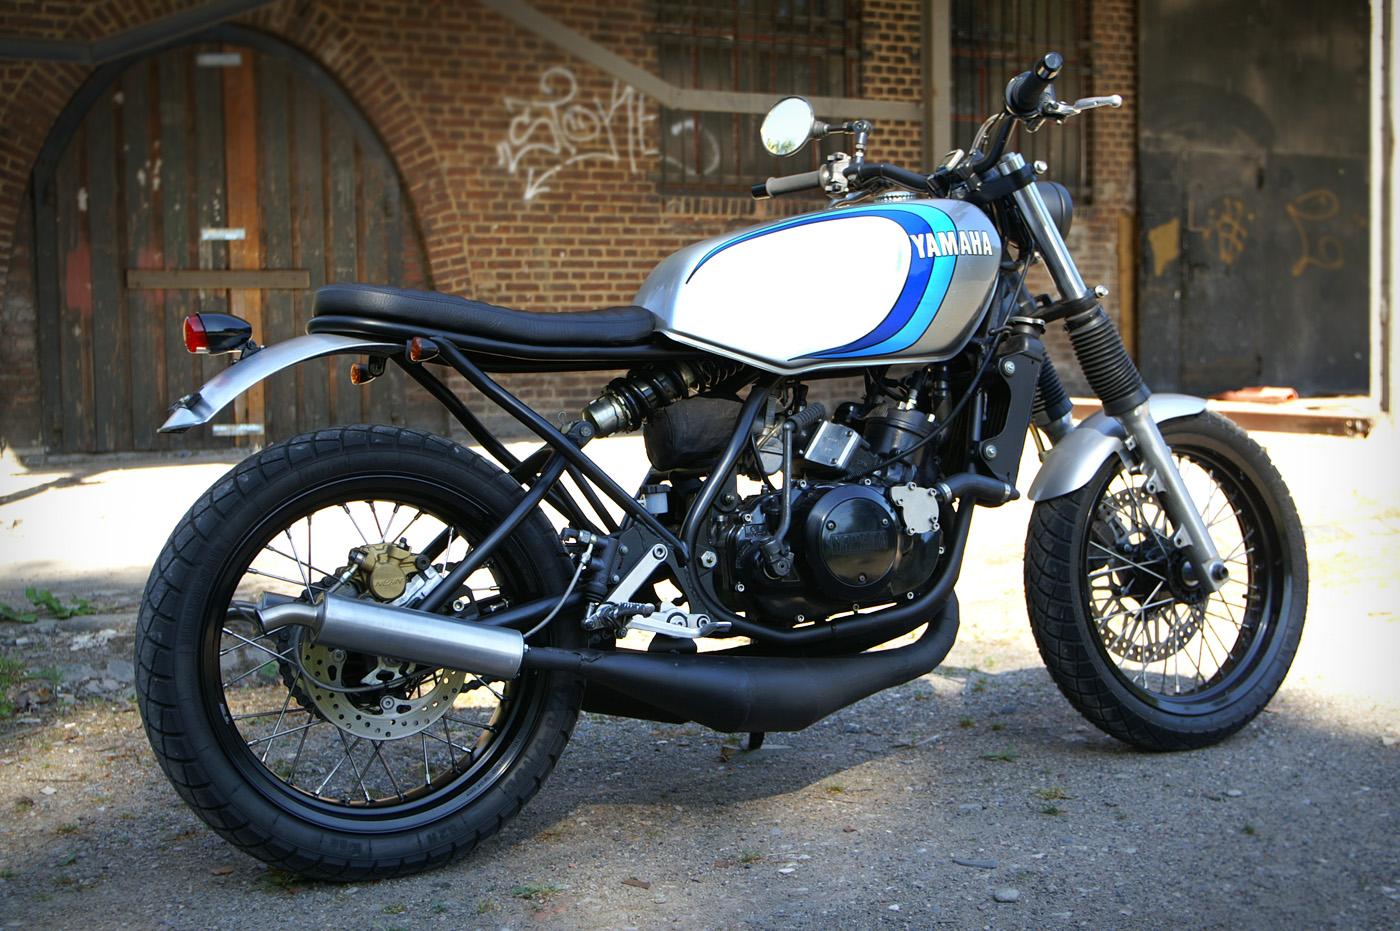 MotoGp: Yamaha RD 350LC Special